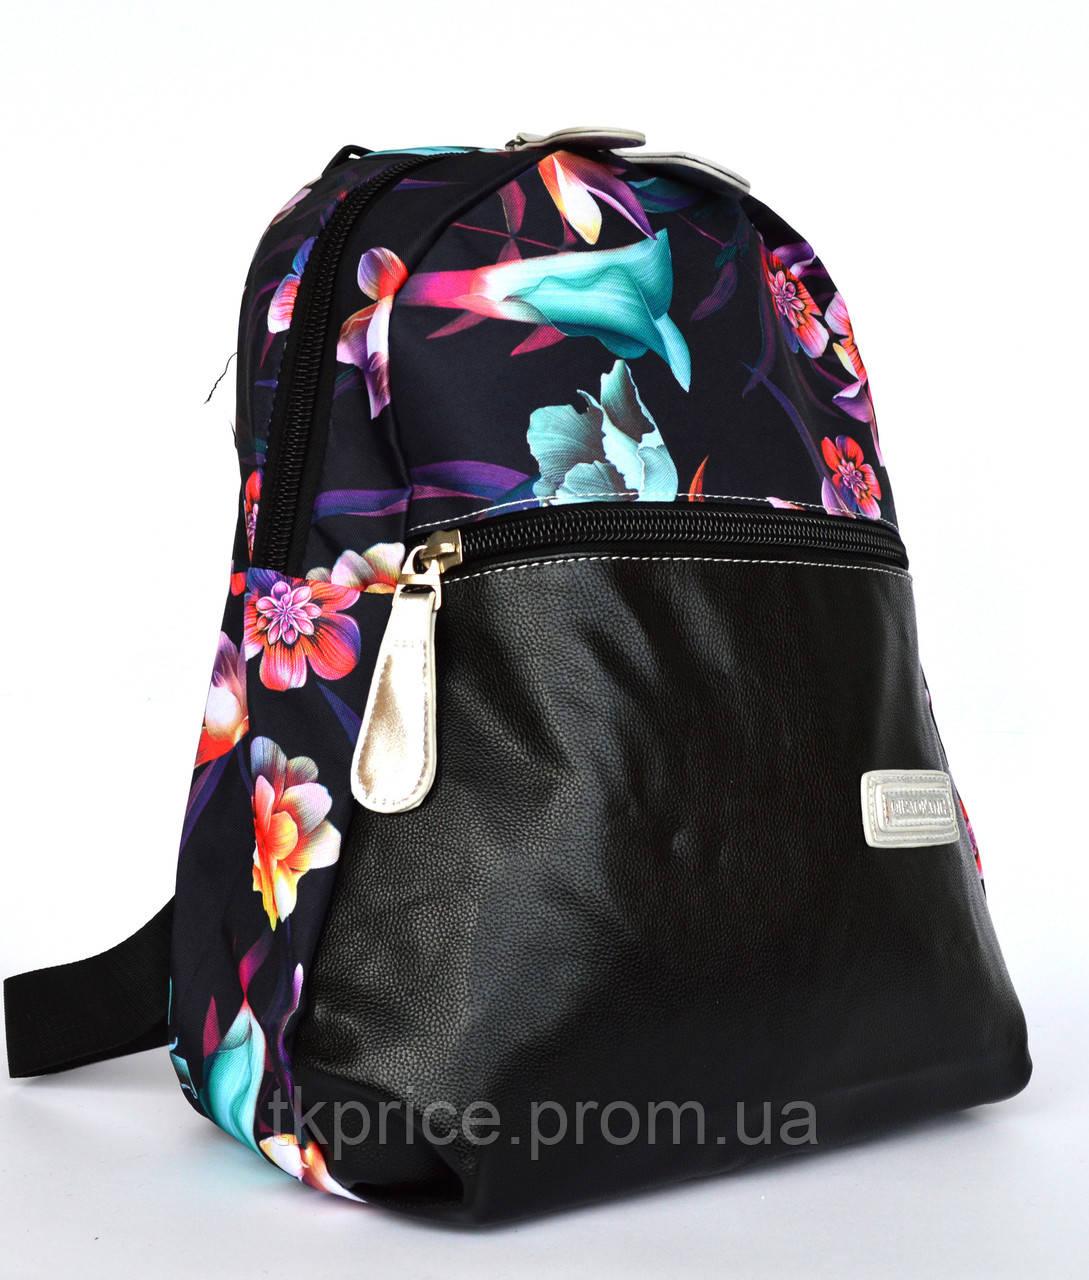 2266bca06c93 Универсальный рюкзак для школы и прогулок 5603 - Интернет-магазин